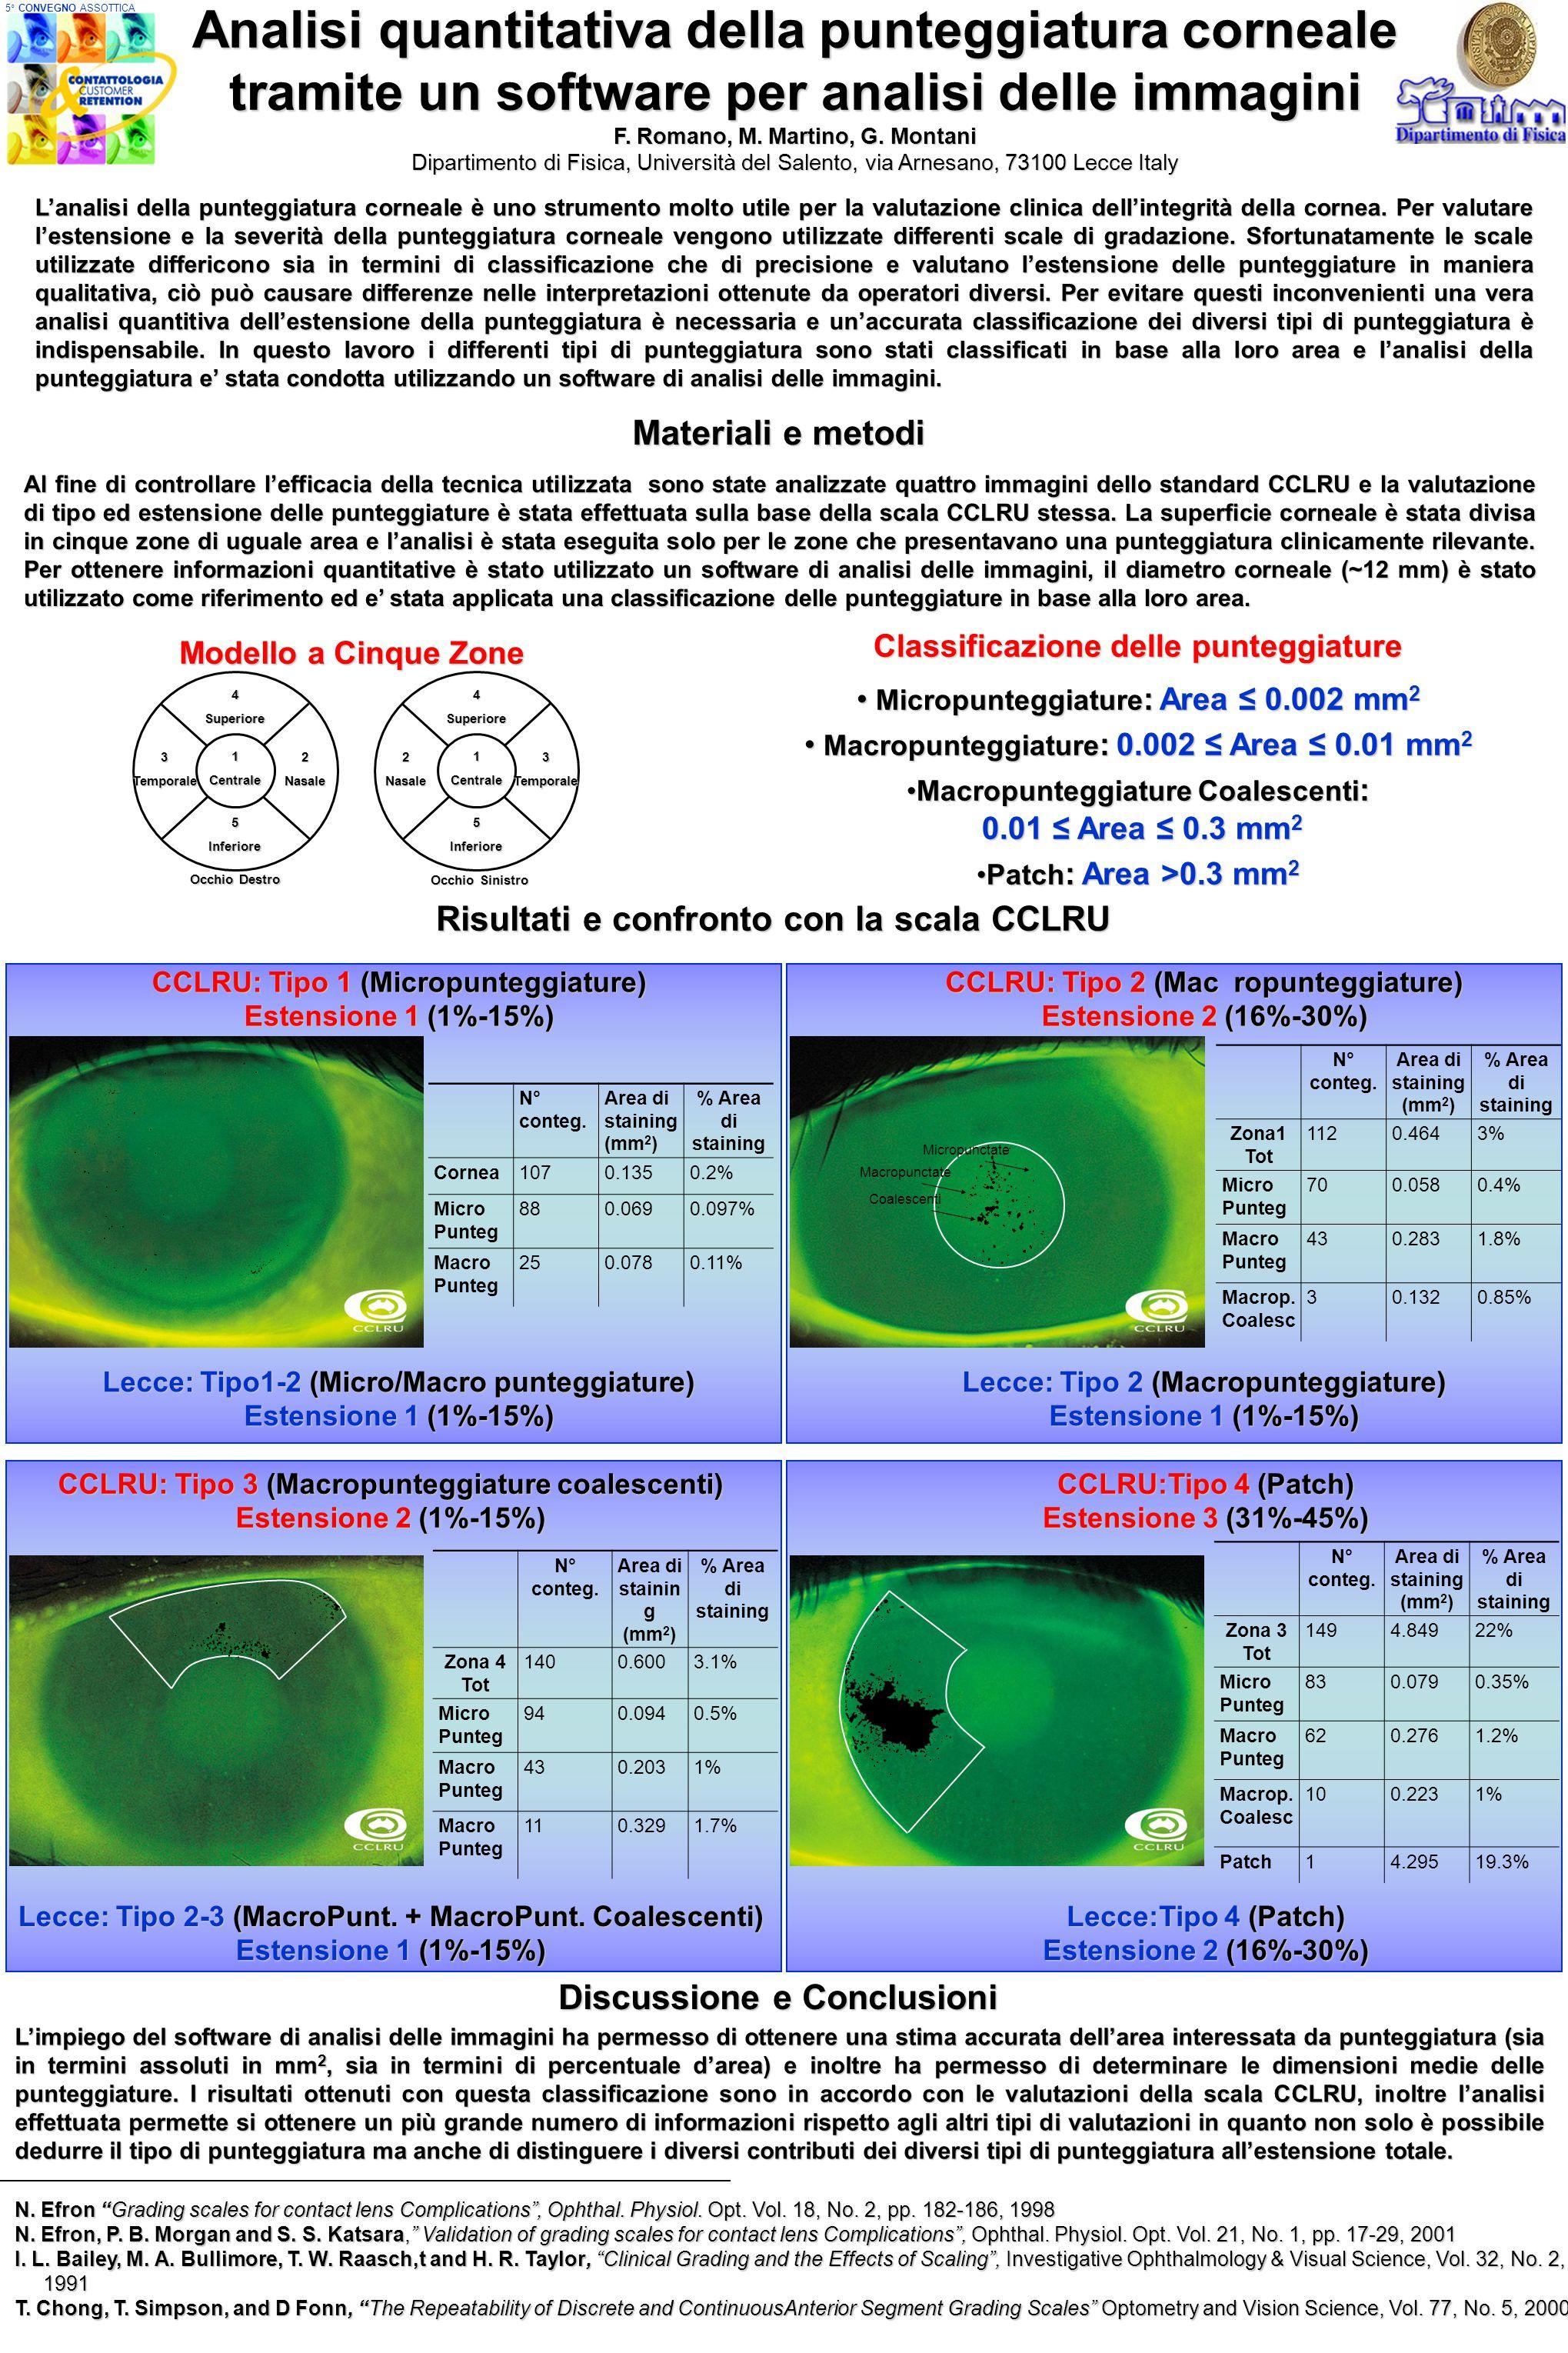 5° CONVEGNO ASSOTTICA Analisi quantitativa della punteggiatura corneale tramite un software per analisi delle immagini F. Romano, M. Martino, G. Monta